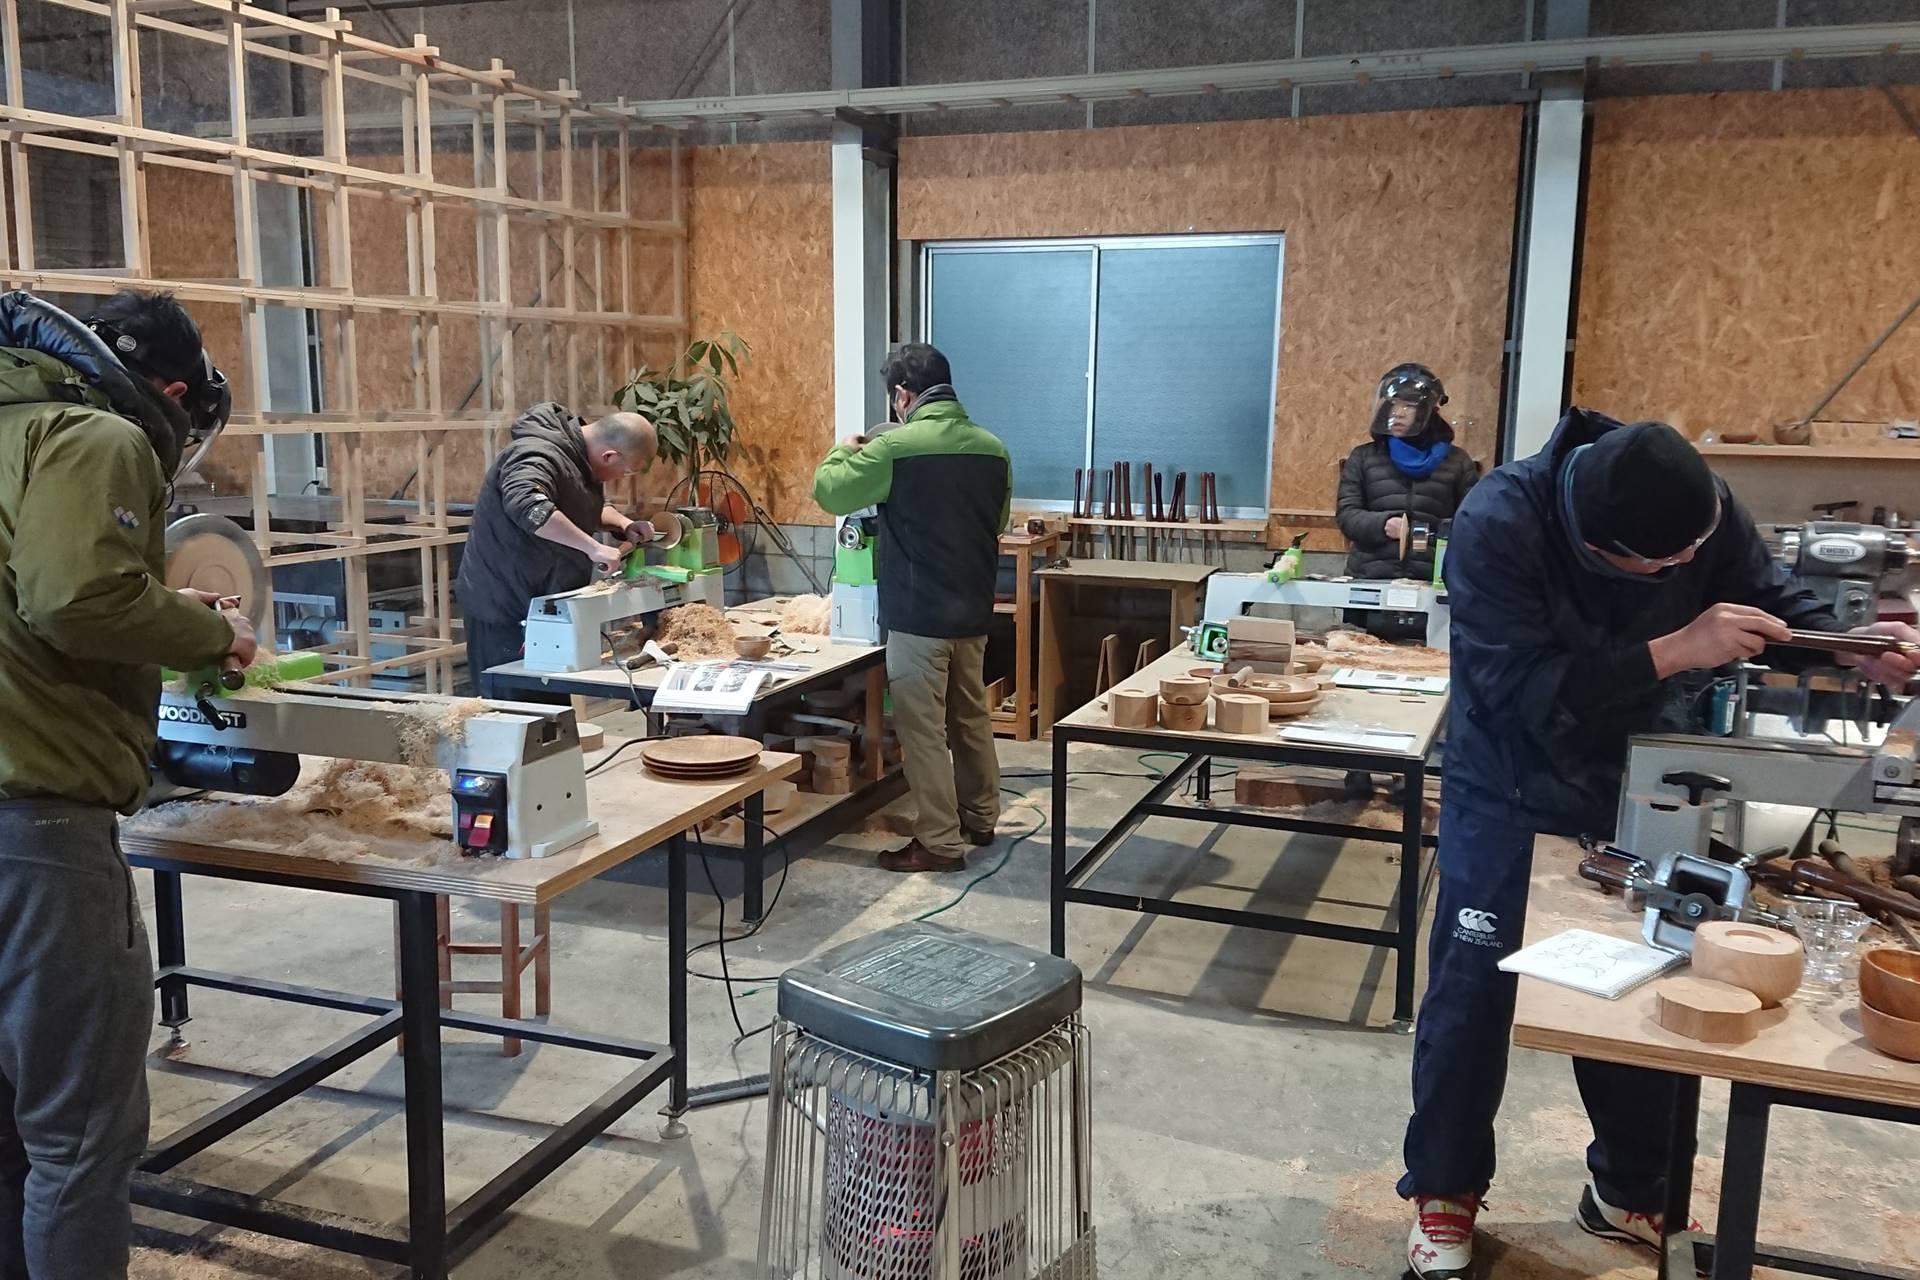 木工旋盤 レッスン 教室 ツバキラボ